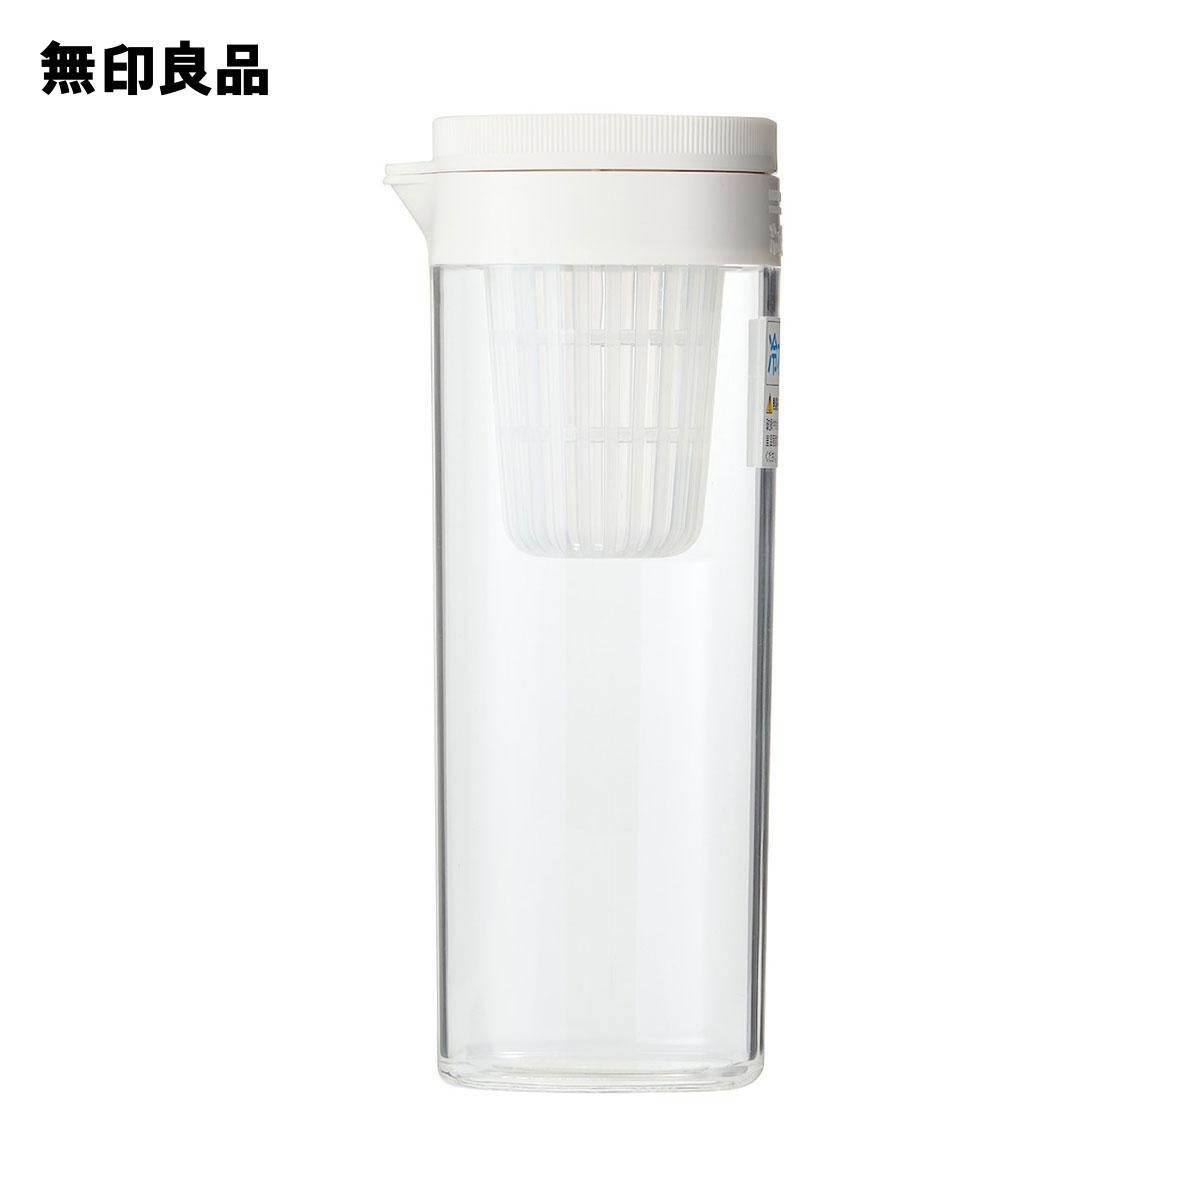 贈呈 無印良品 高品質 公式 アクリル冷水筒